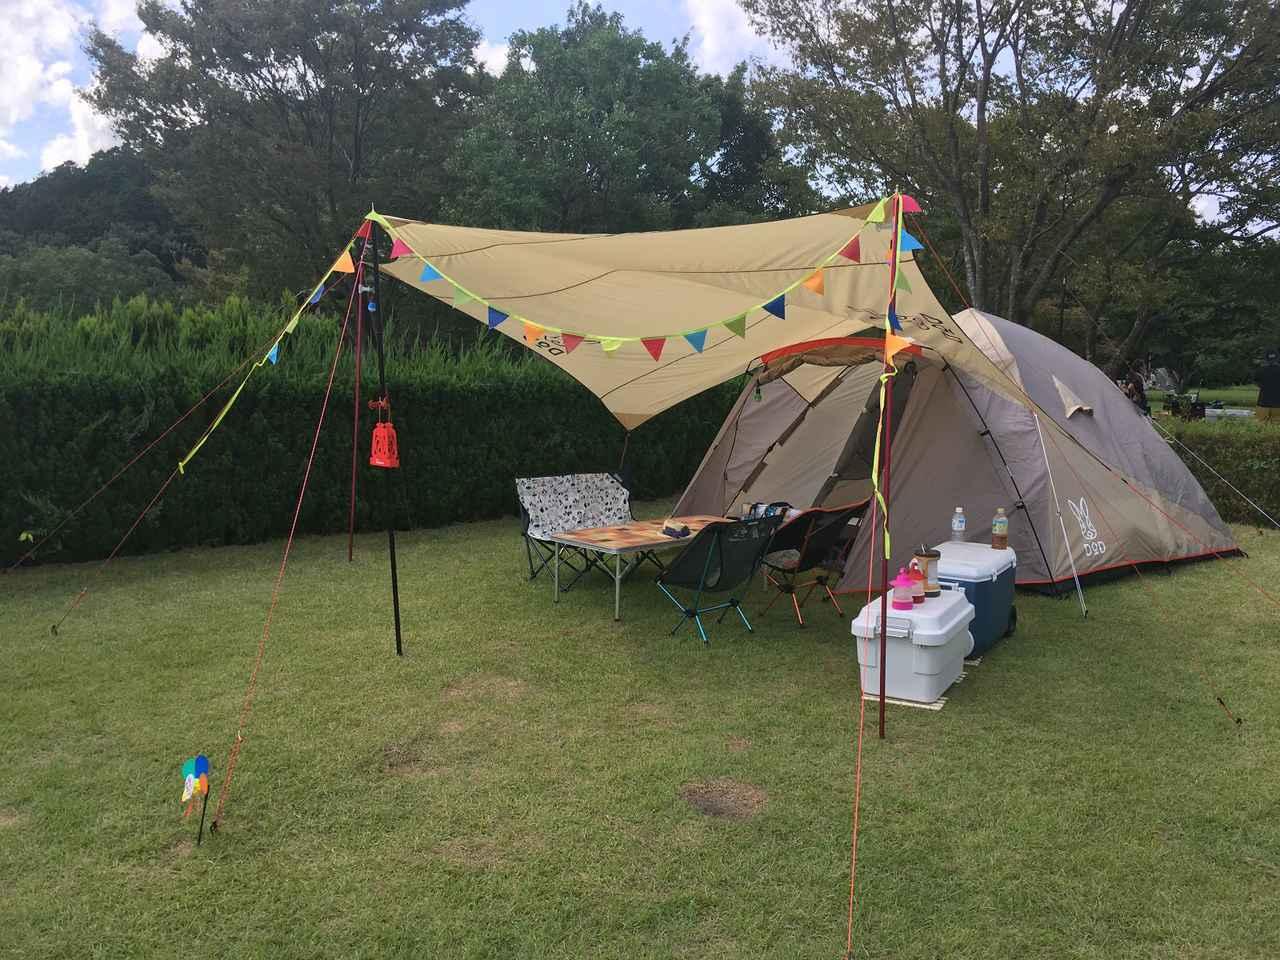 画像: 【おすすめキャンプ場50】キッズエリア充実!「グリーンパーク山東」で広々ファミリーキャンプを楽しもう - ハピキャン(HAPPY CAMPER)